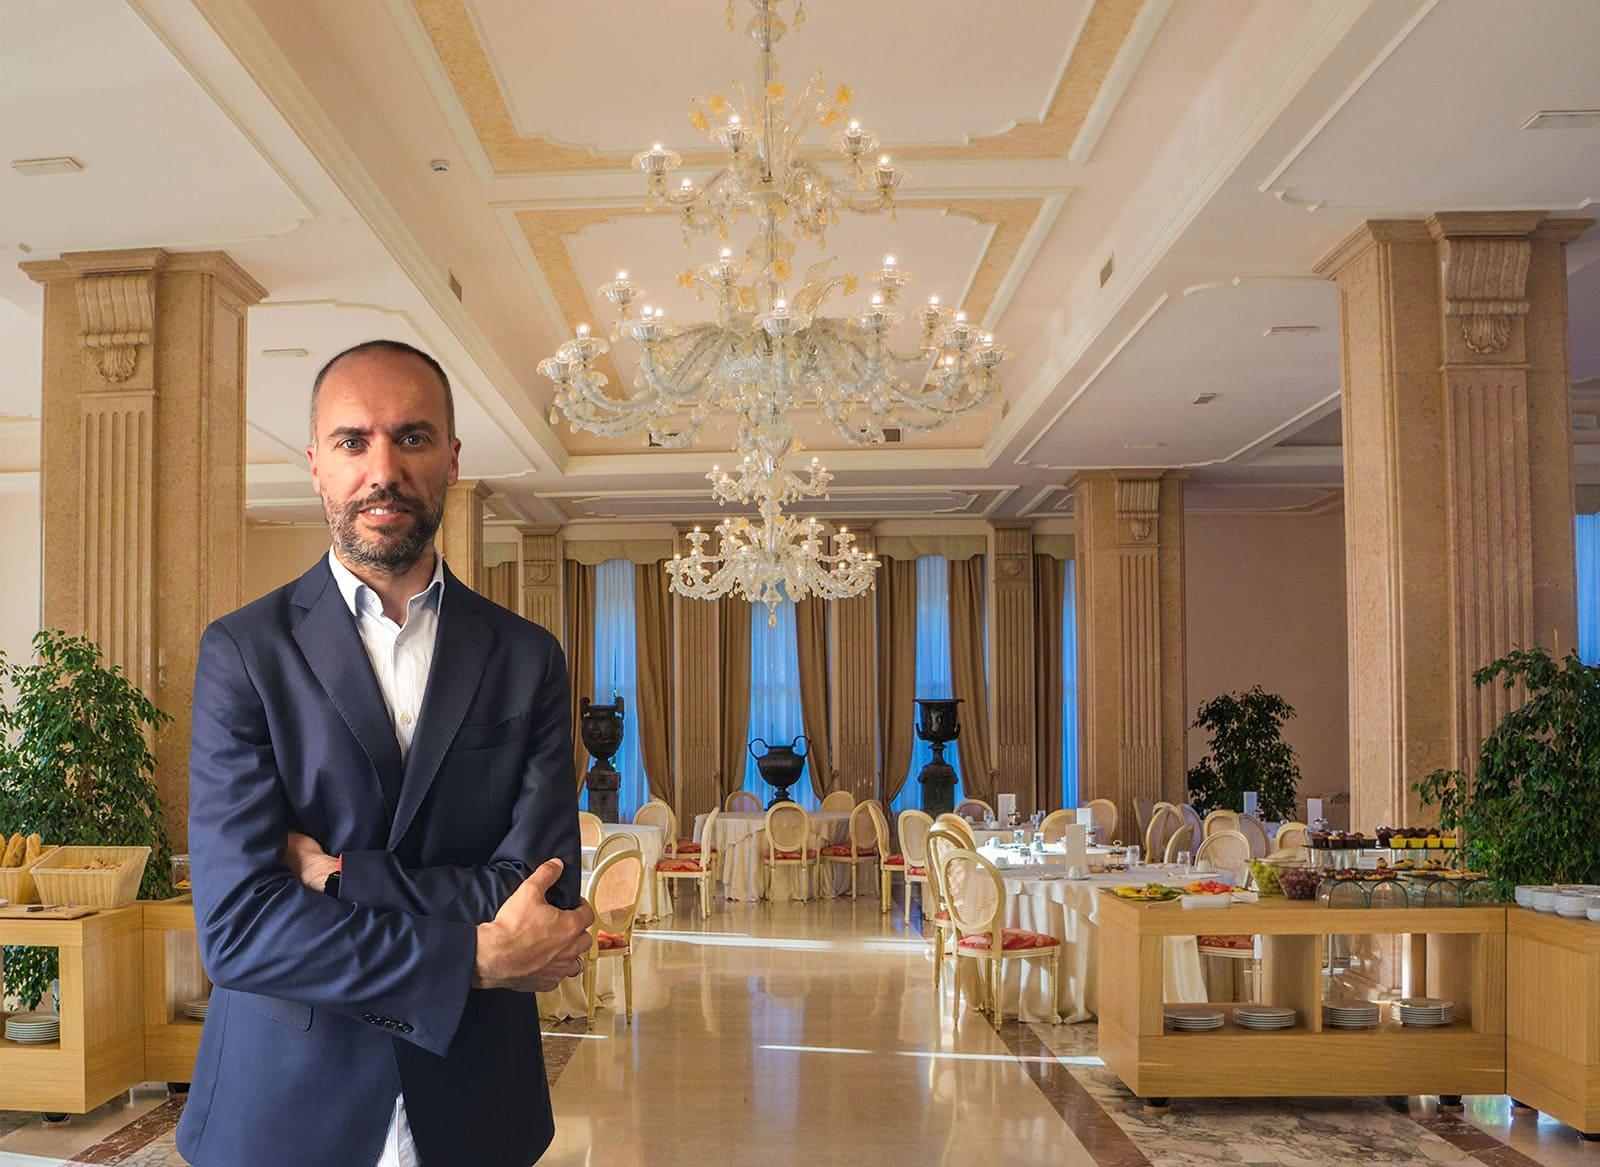 Guillermo Fernández, Verantwortlicher für internationale Geschäftsentwicklung des Bereichs Hospitality